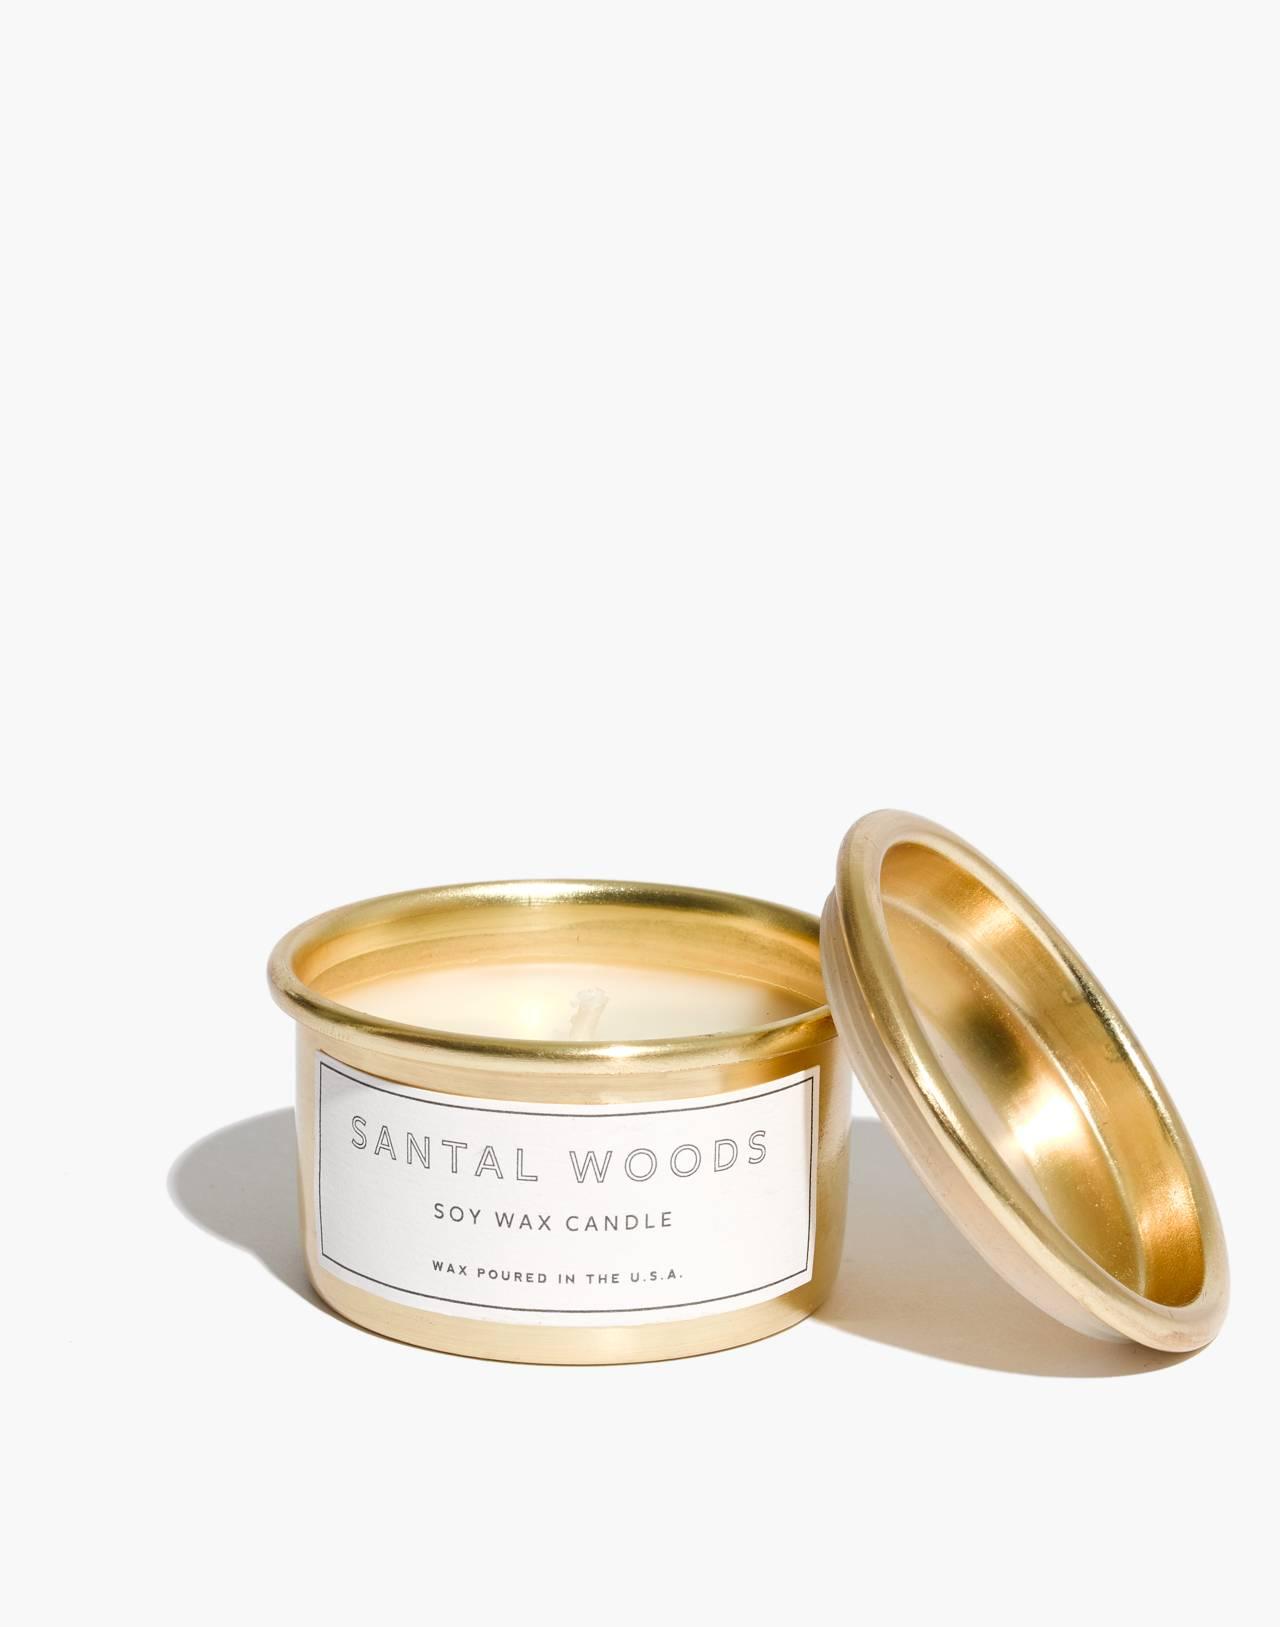 Mini Metal Tumbler Candle in santal woods image 1